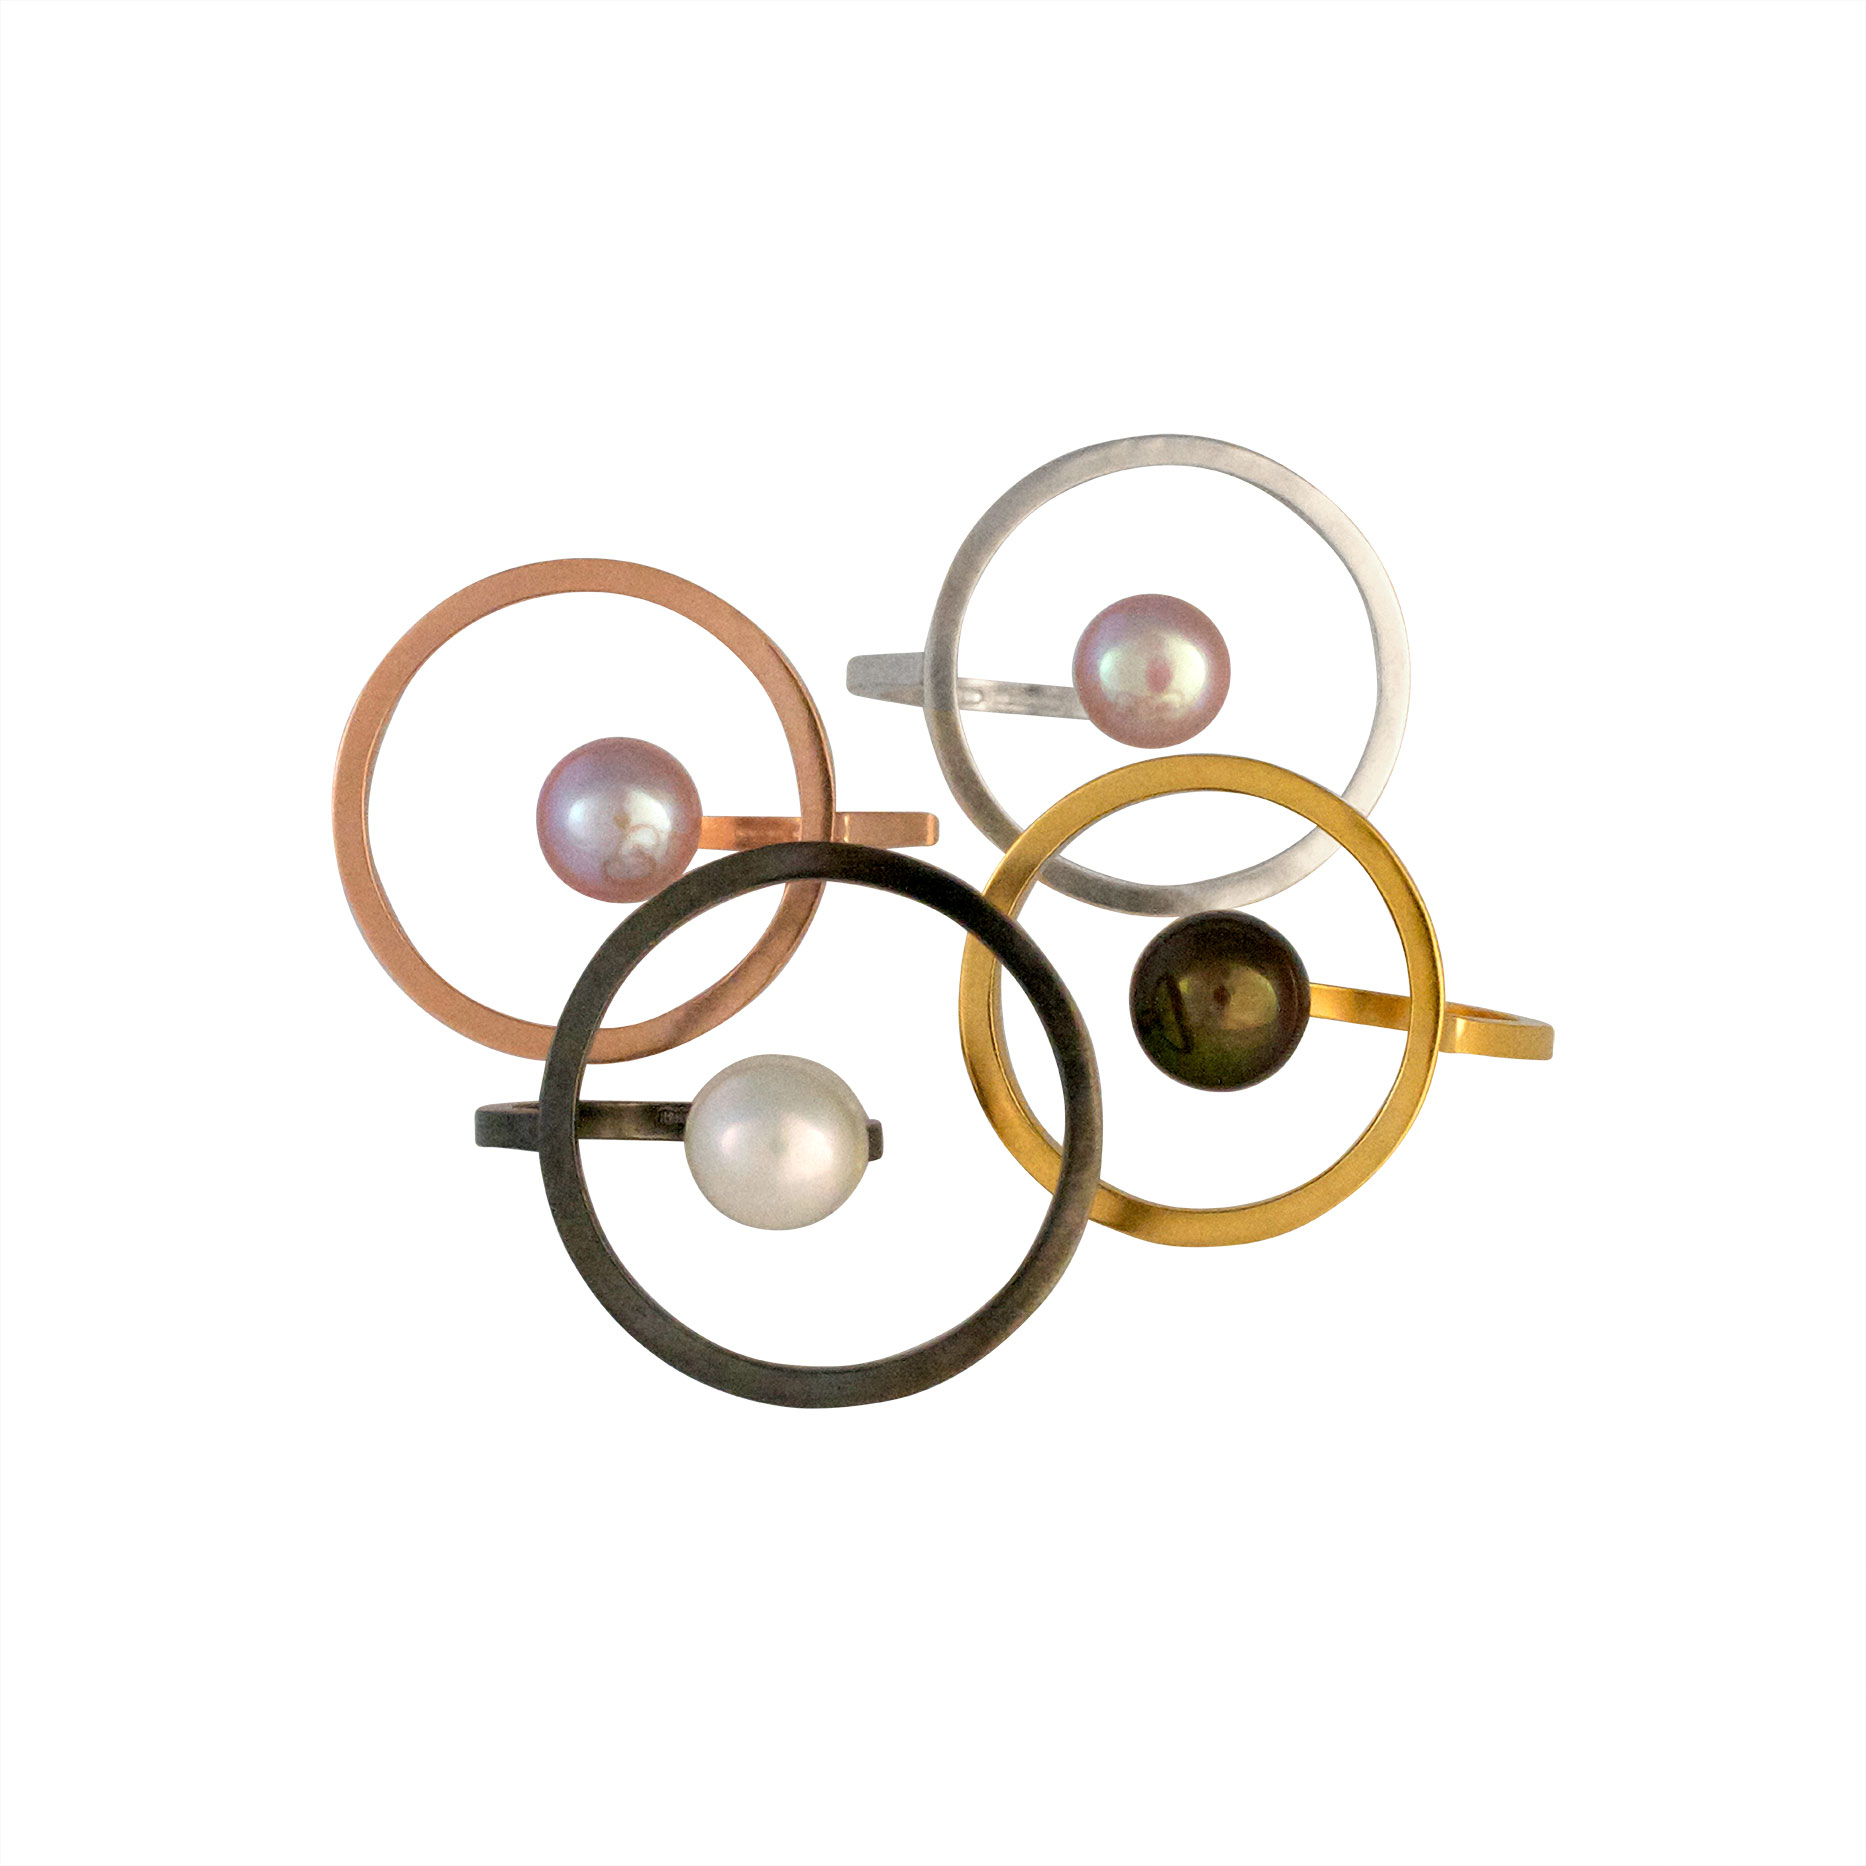 cara tonkin 4-rings-web.jpg